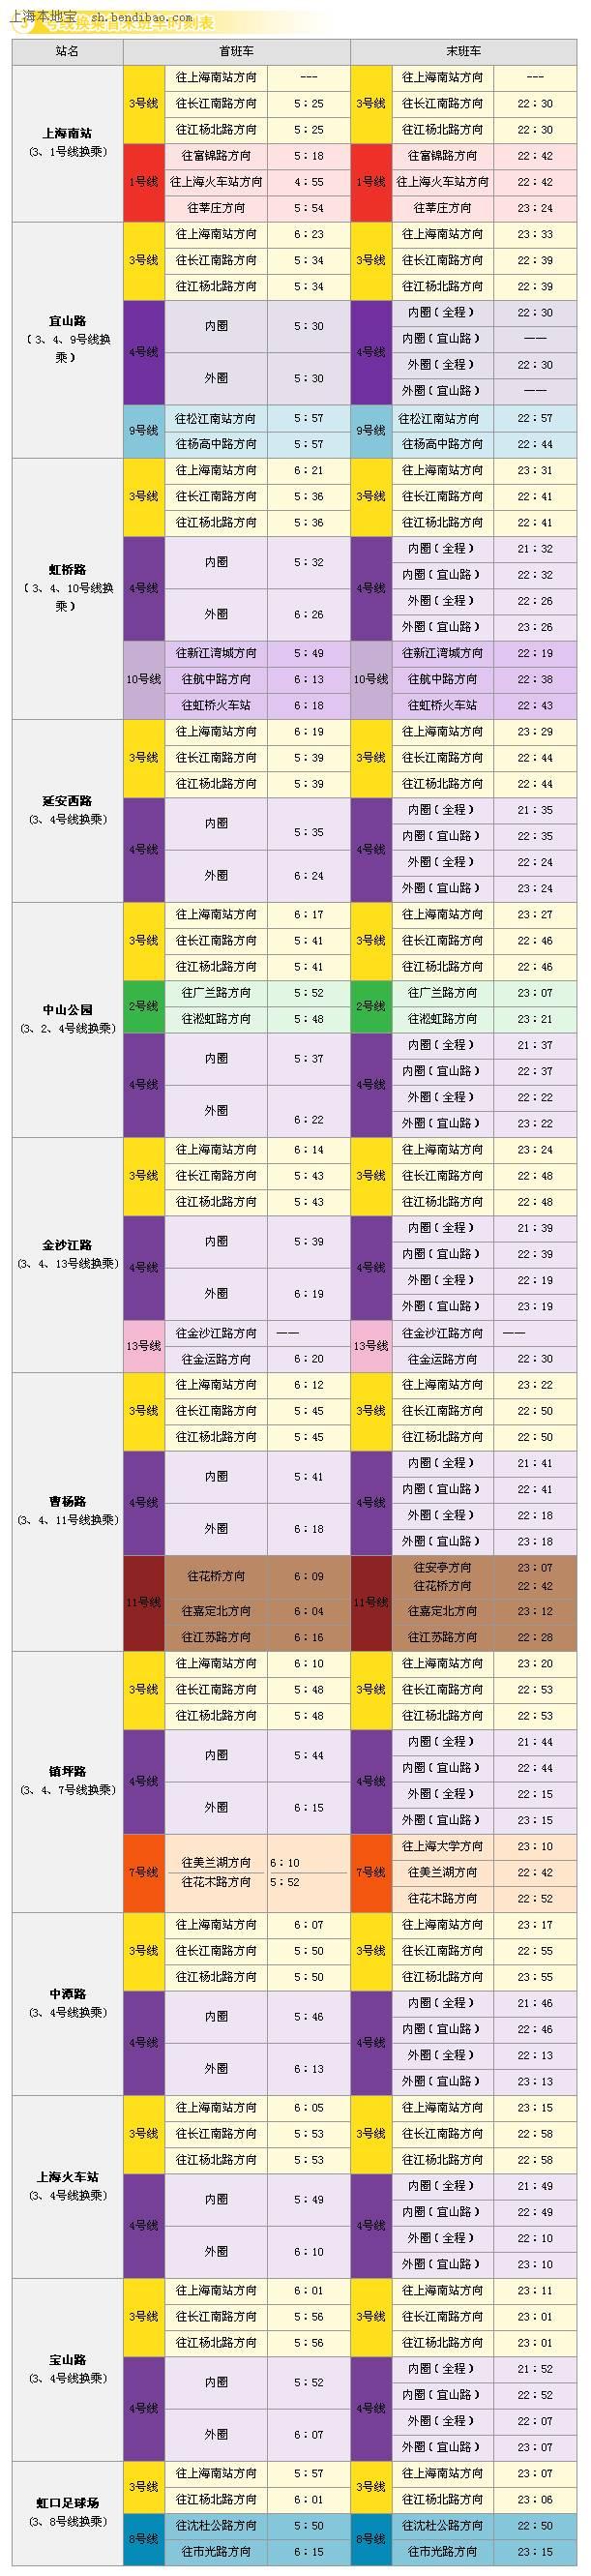 上海地铁3号线末班车时刻表及换乘站末班车